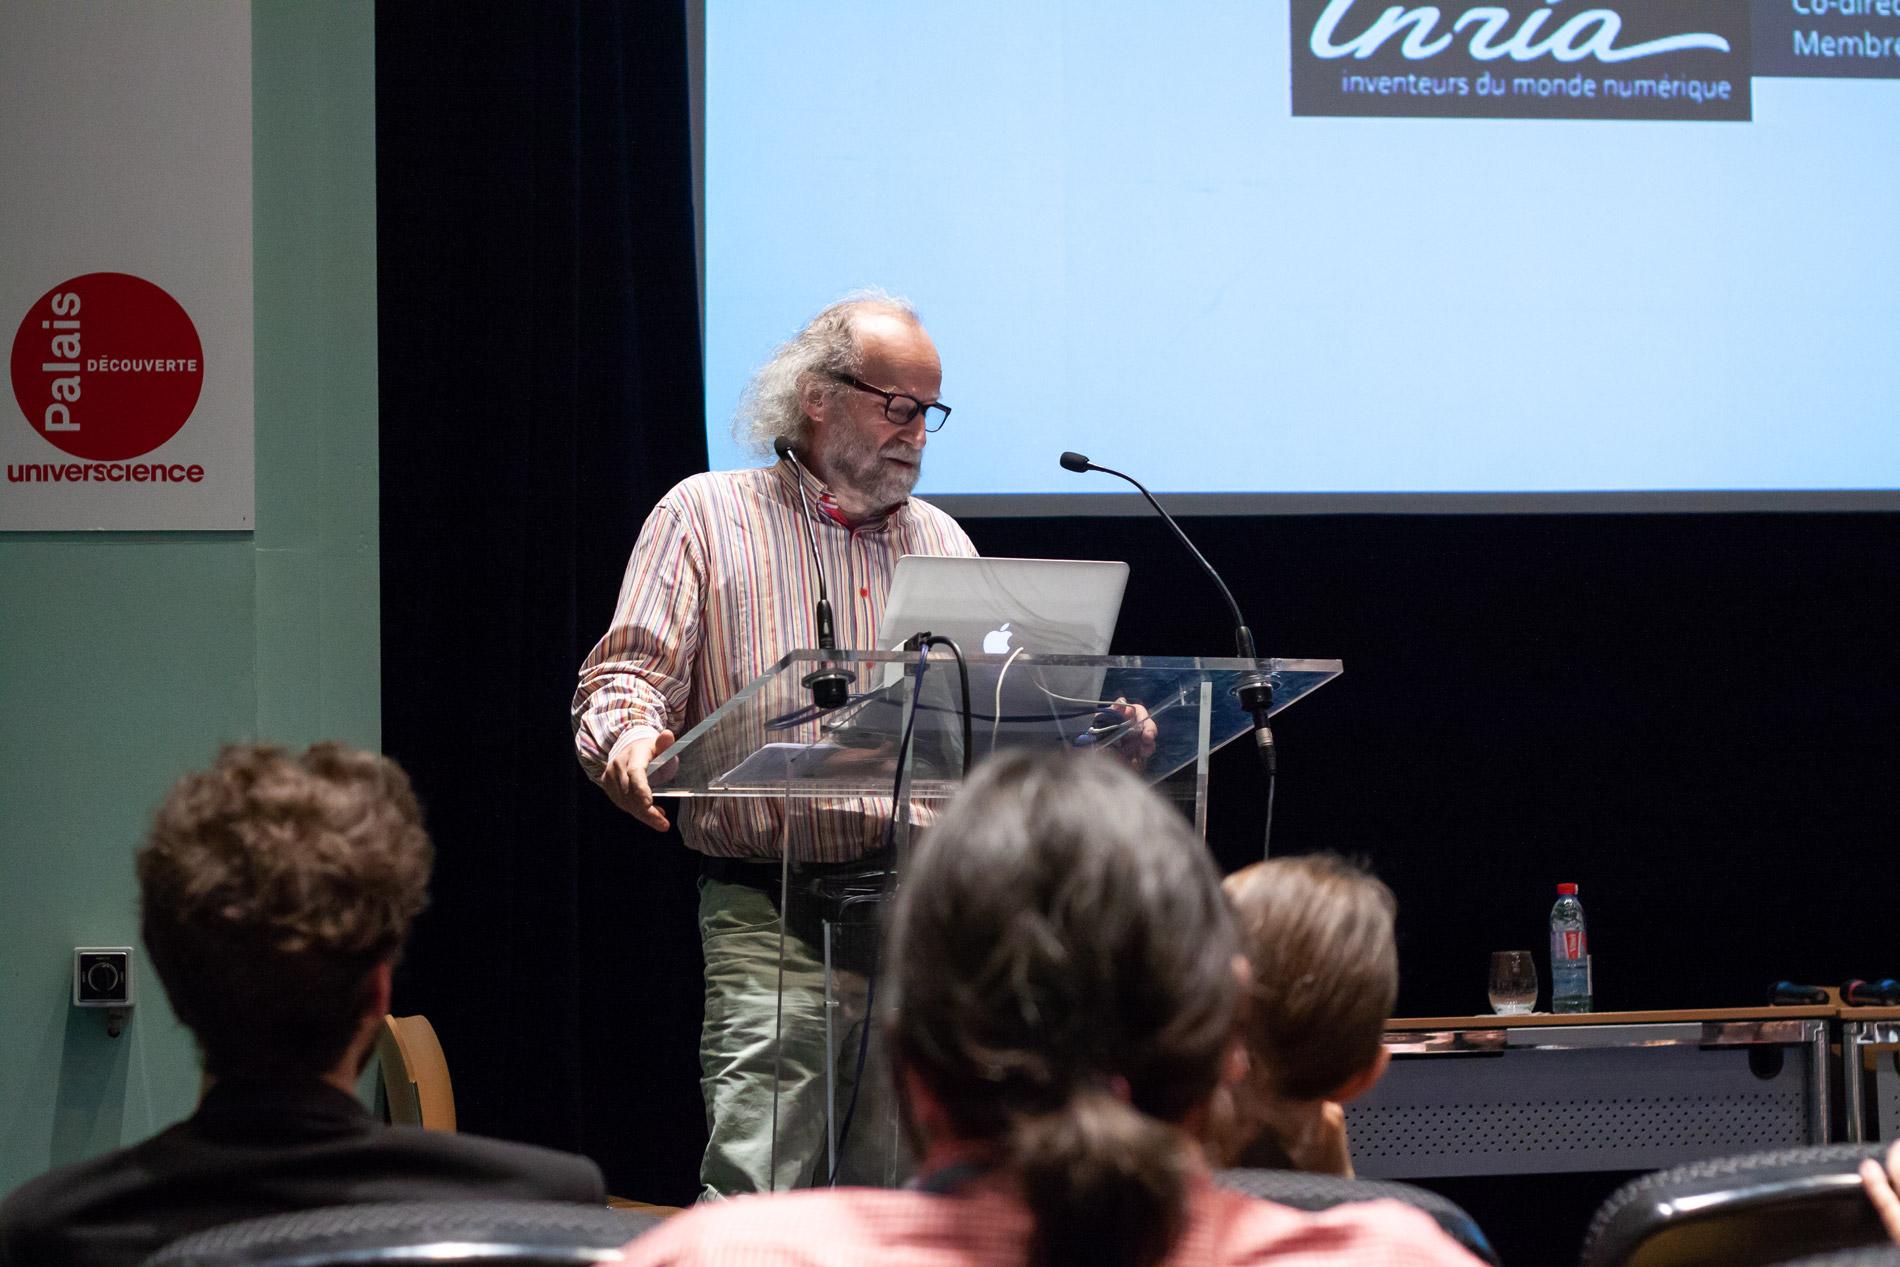 Intervention de Marc Schoenauer (Inria) lors du lancement du Prix Design & Science 2019 au Palais de la découverte